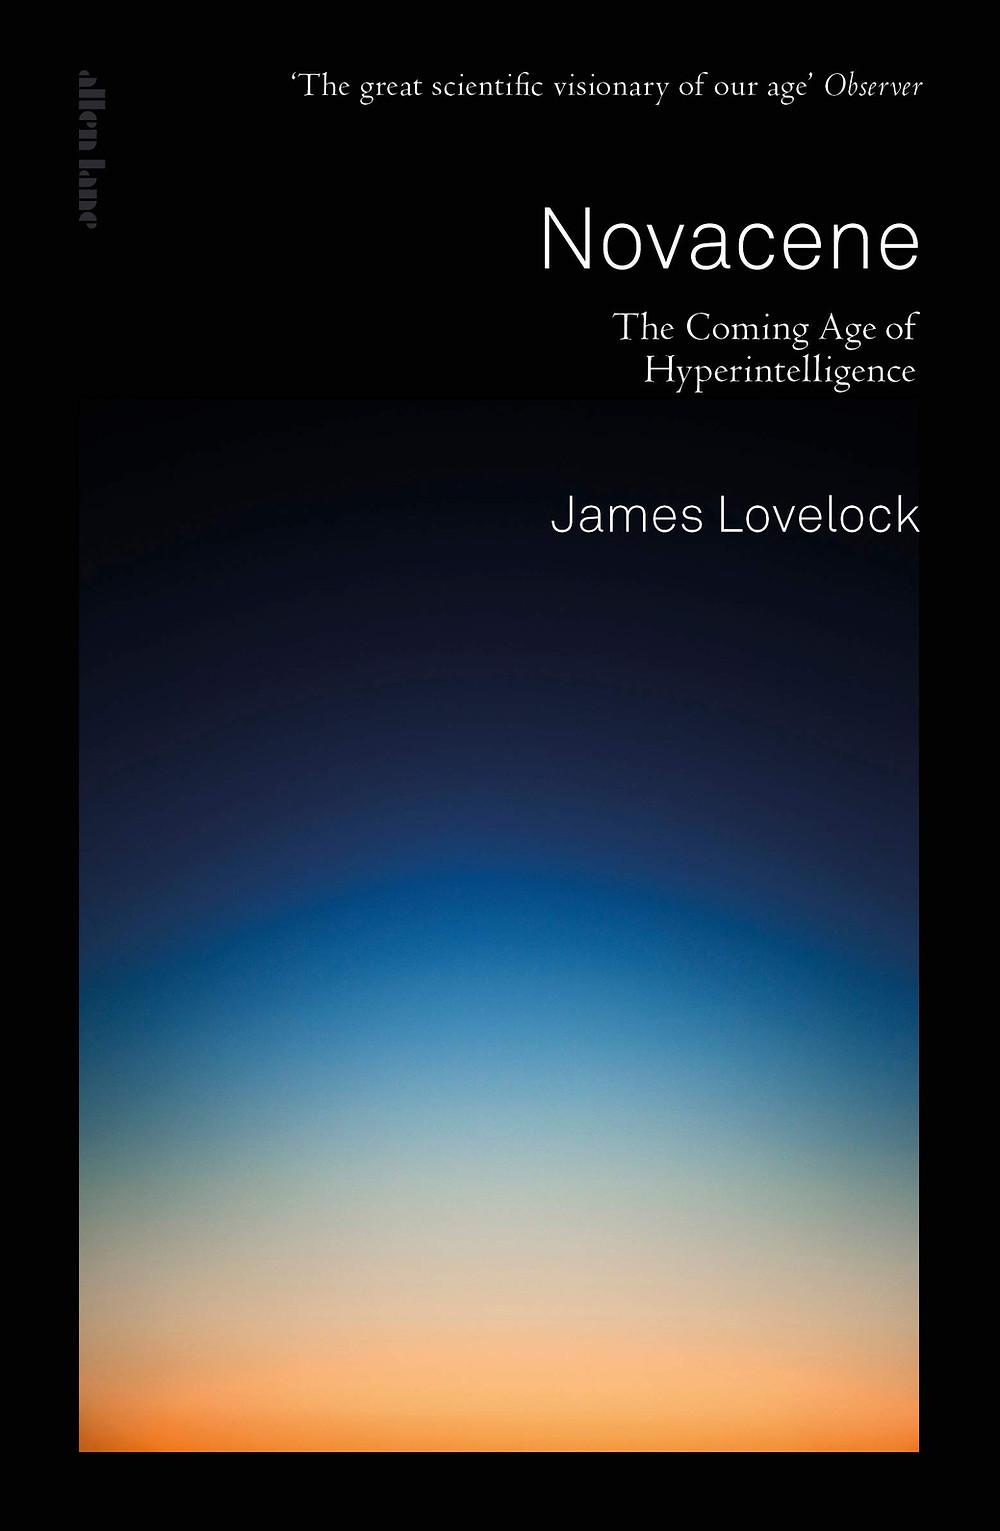 Lovelock J. Novacene: The Coming Age of Hyperintelligence. Allen Lane, 2019. 160 p. ISBN-13: 978-0241399361